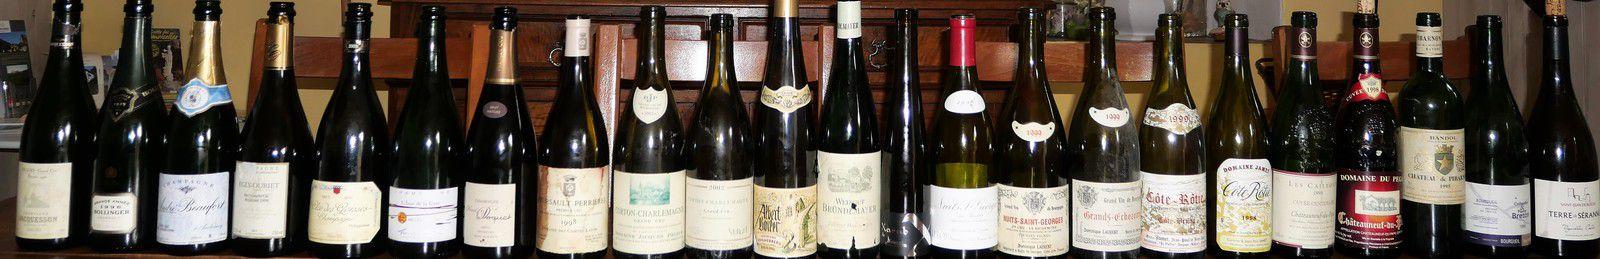 l'ensemble des bouteilles